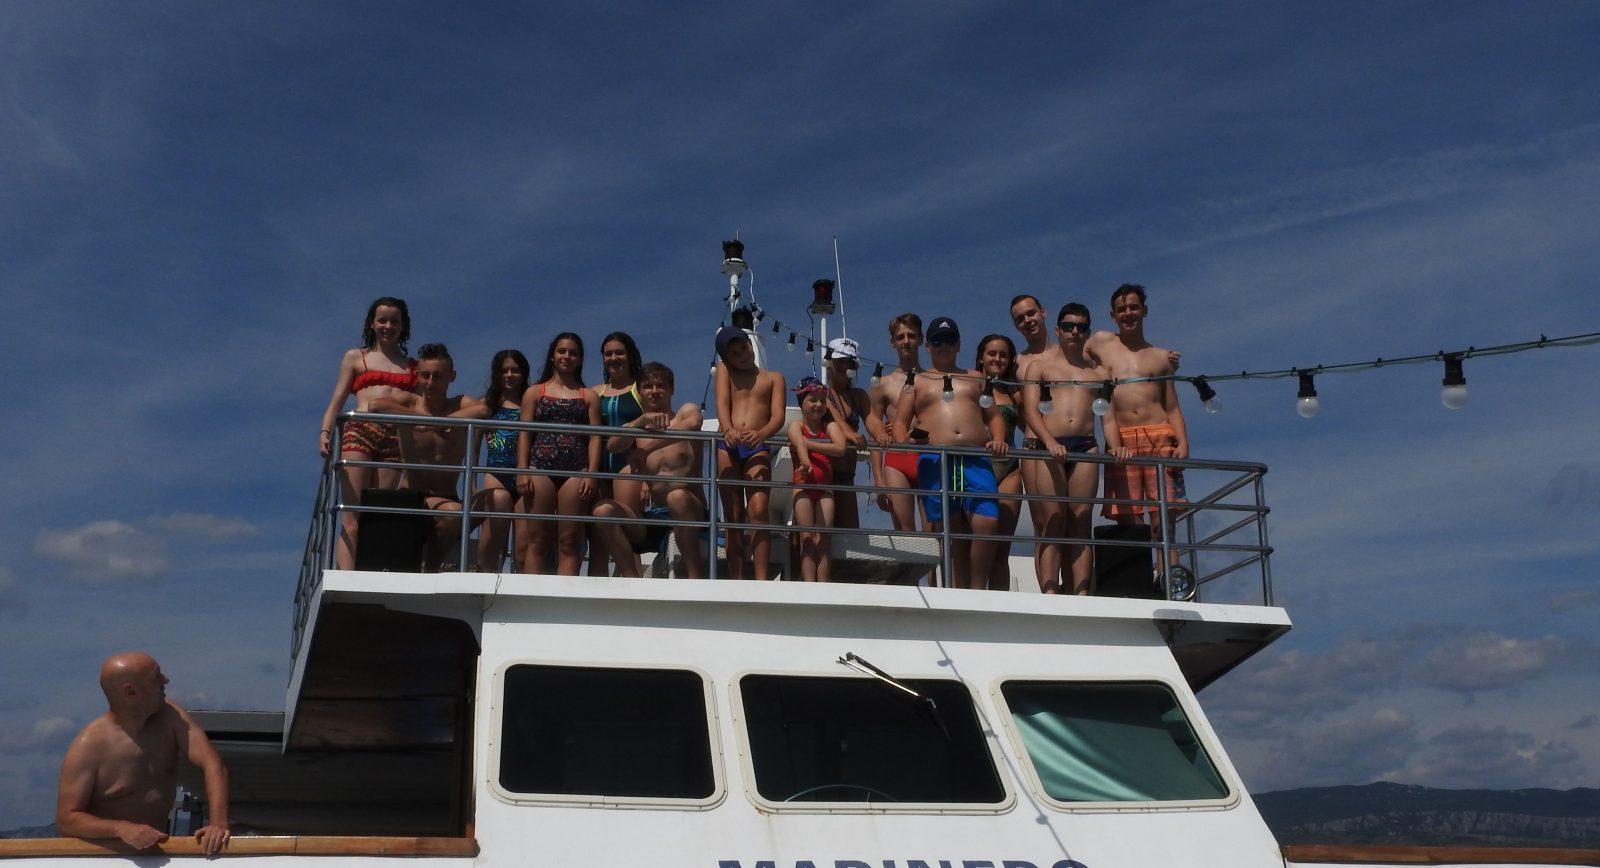 čakovečki plivački klub ljeto katamaran